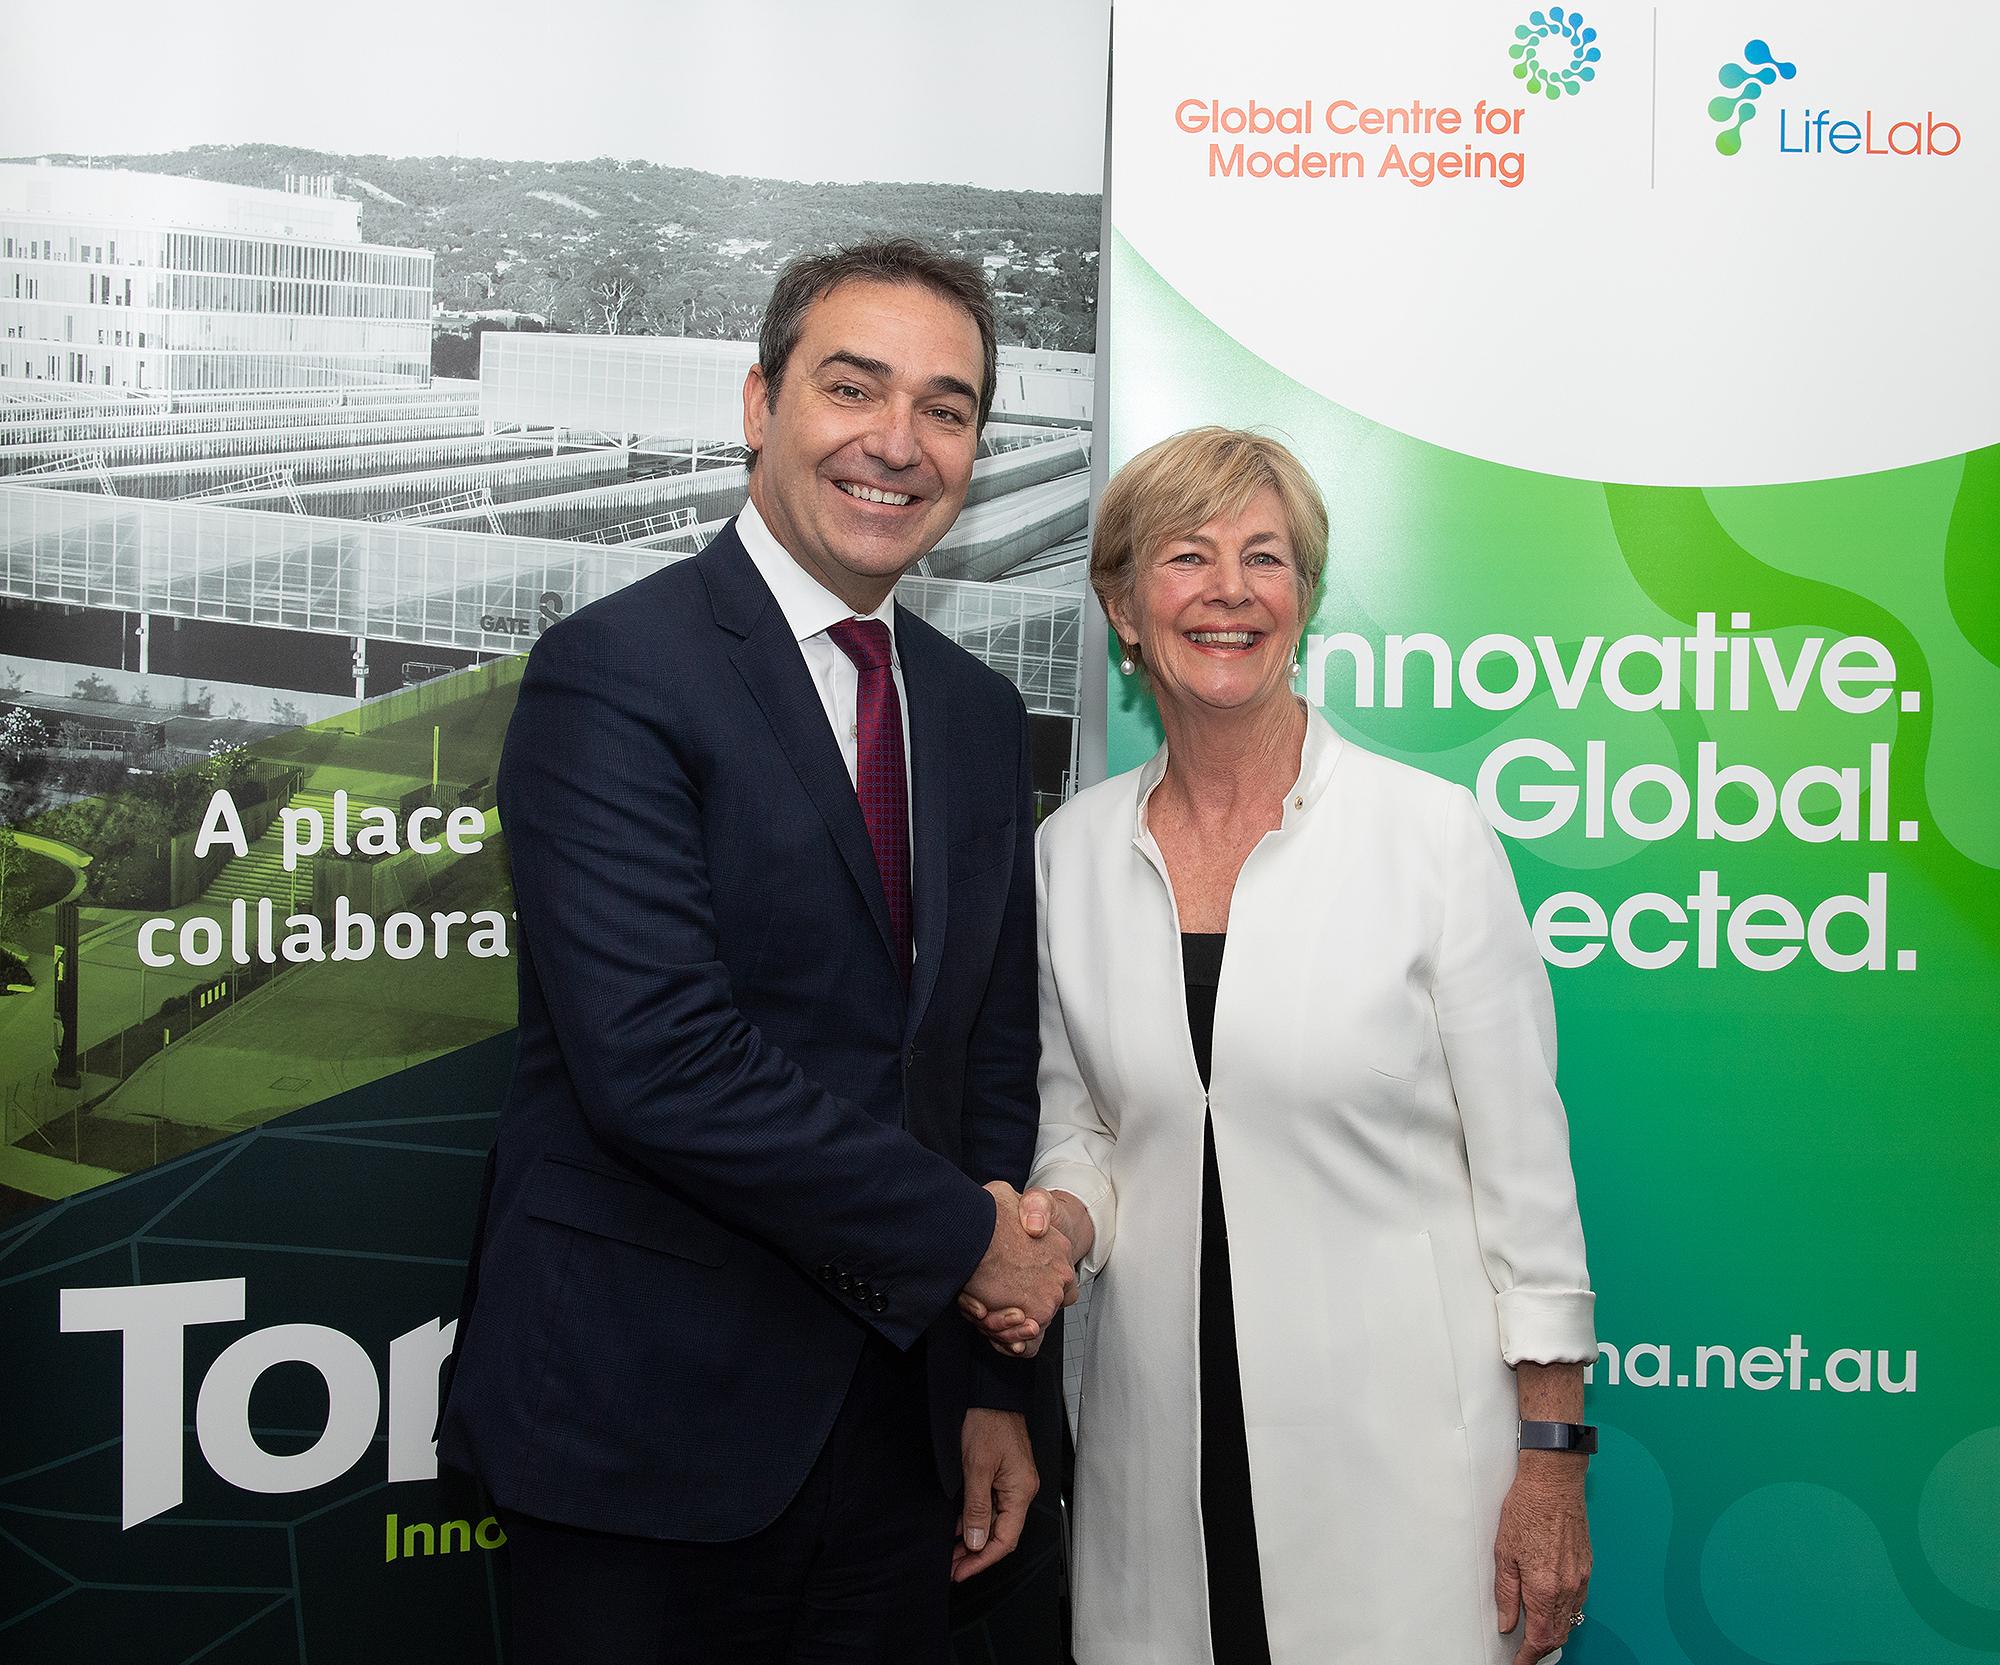 South Australian Premier Steven Marshall and Global Centre for Modern Ageing deputy chair Anne Skipper.